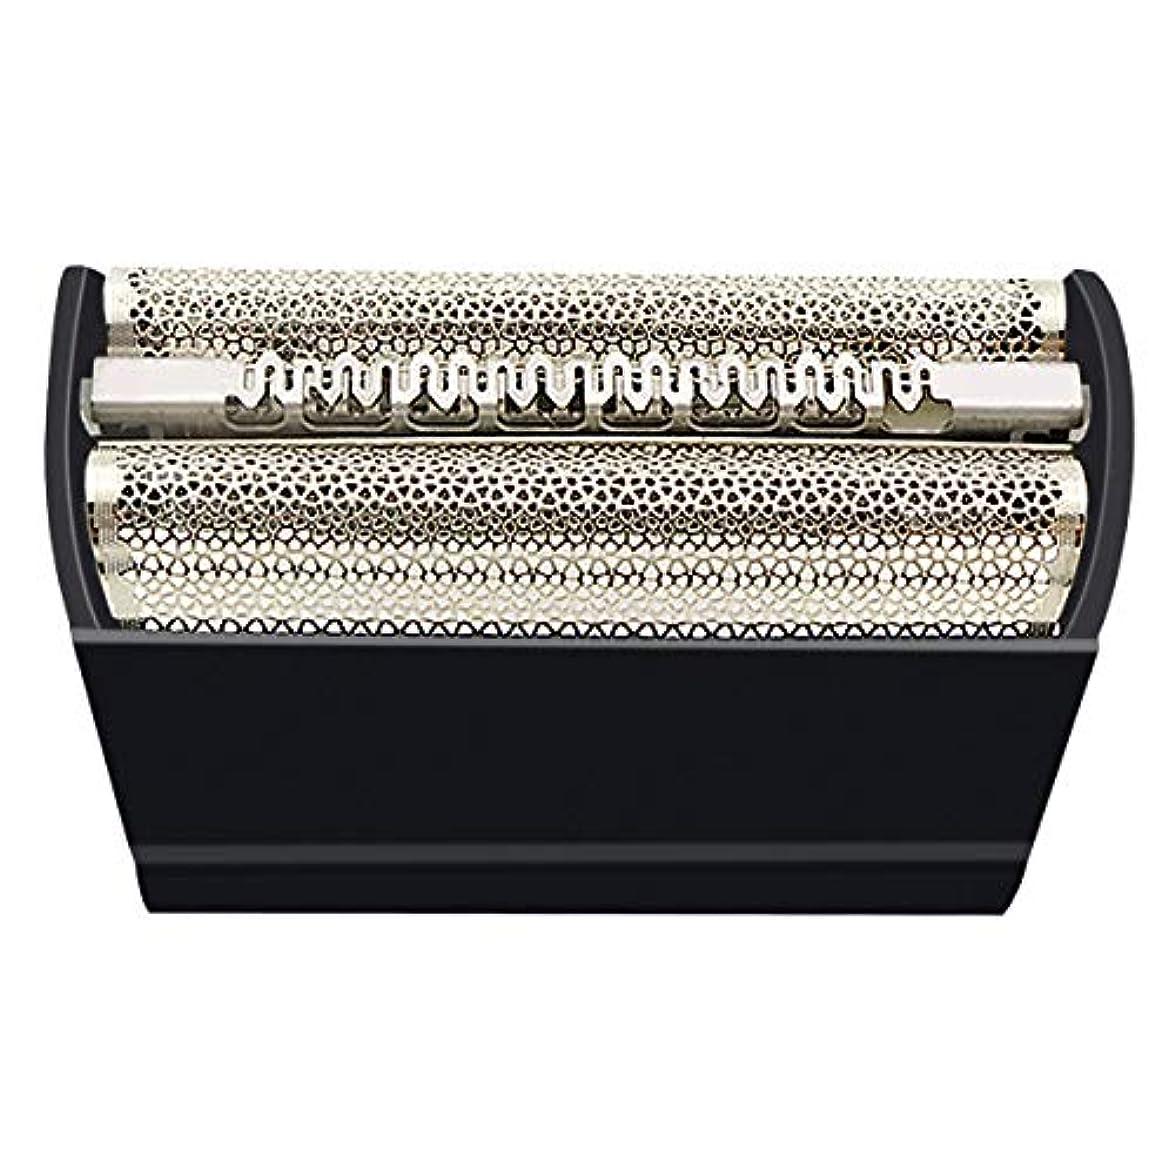 分雑多な千VINFANYシェーバー替刃 シリーズ3 適用 Braun 31Bシリーズ3 Smart Syncro Proモデル電気シェーバー シリーズ3網刃?内刃一体型カセット 交換用ホイル (31B (Black))